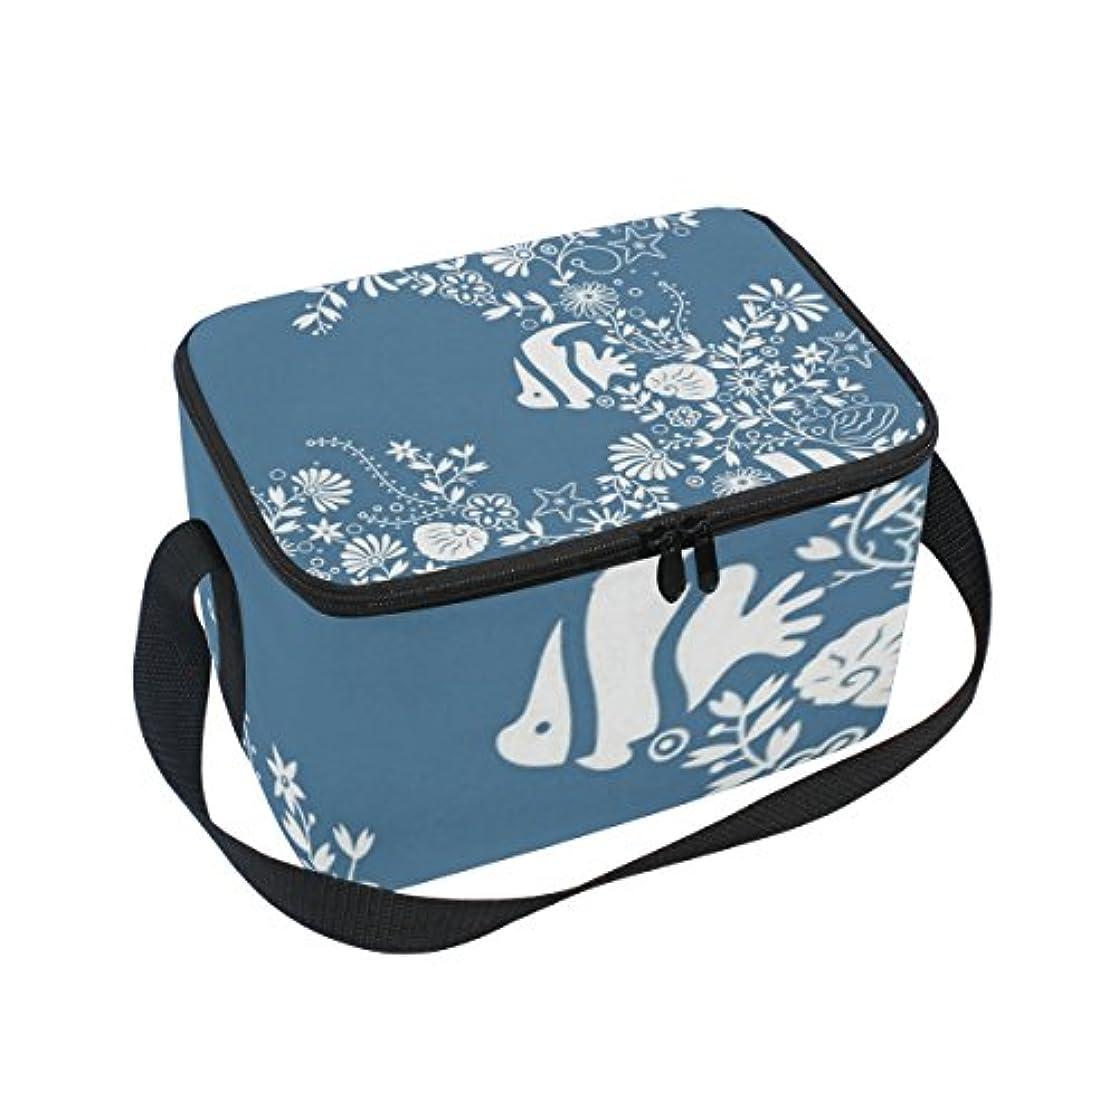 浮く評論家つかまえるクーラーバッグ クーラーボックス ソフトクーラ 冷蔵ボックス キャンプ用品 魚柄プリント 保冷保温 大容量 肩掛け お花見 アウトドア